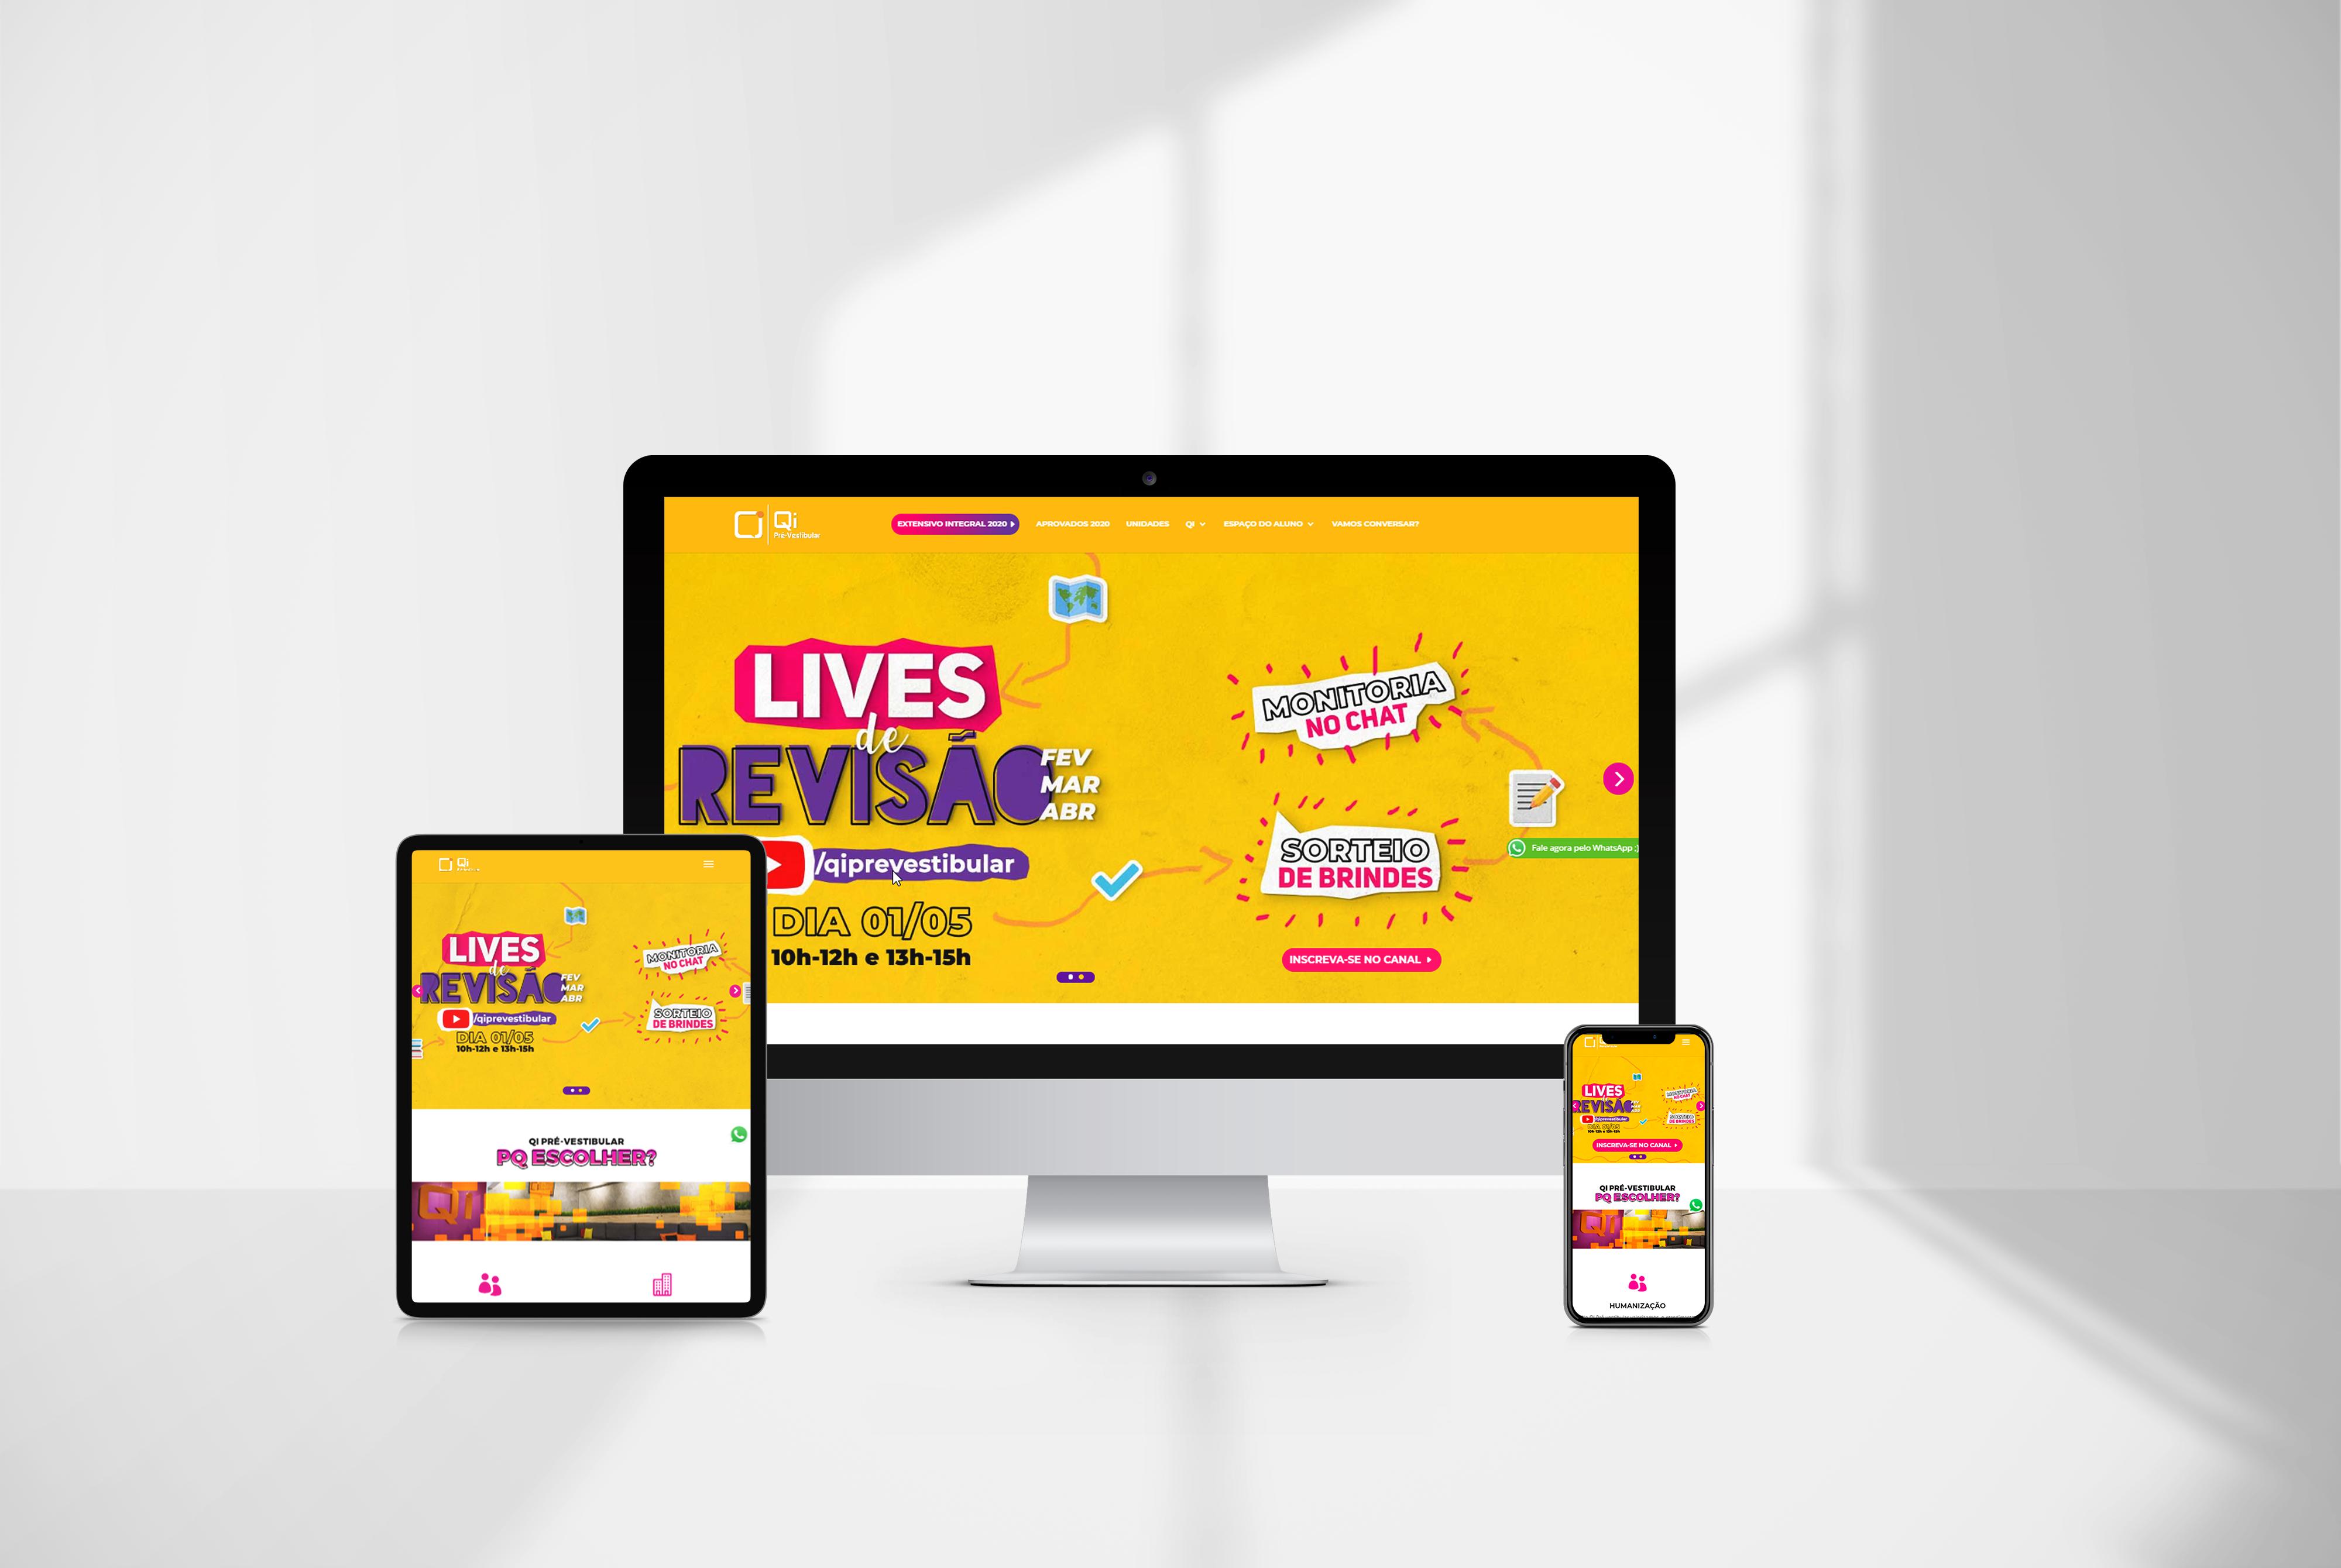 criacao de sites qi pre vestibular Criação de sites protótipo - agencia de marketing digital casanova digital